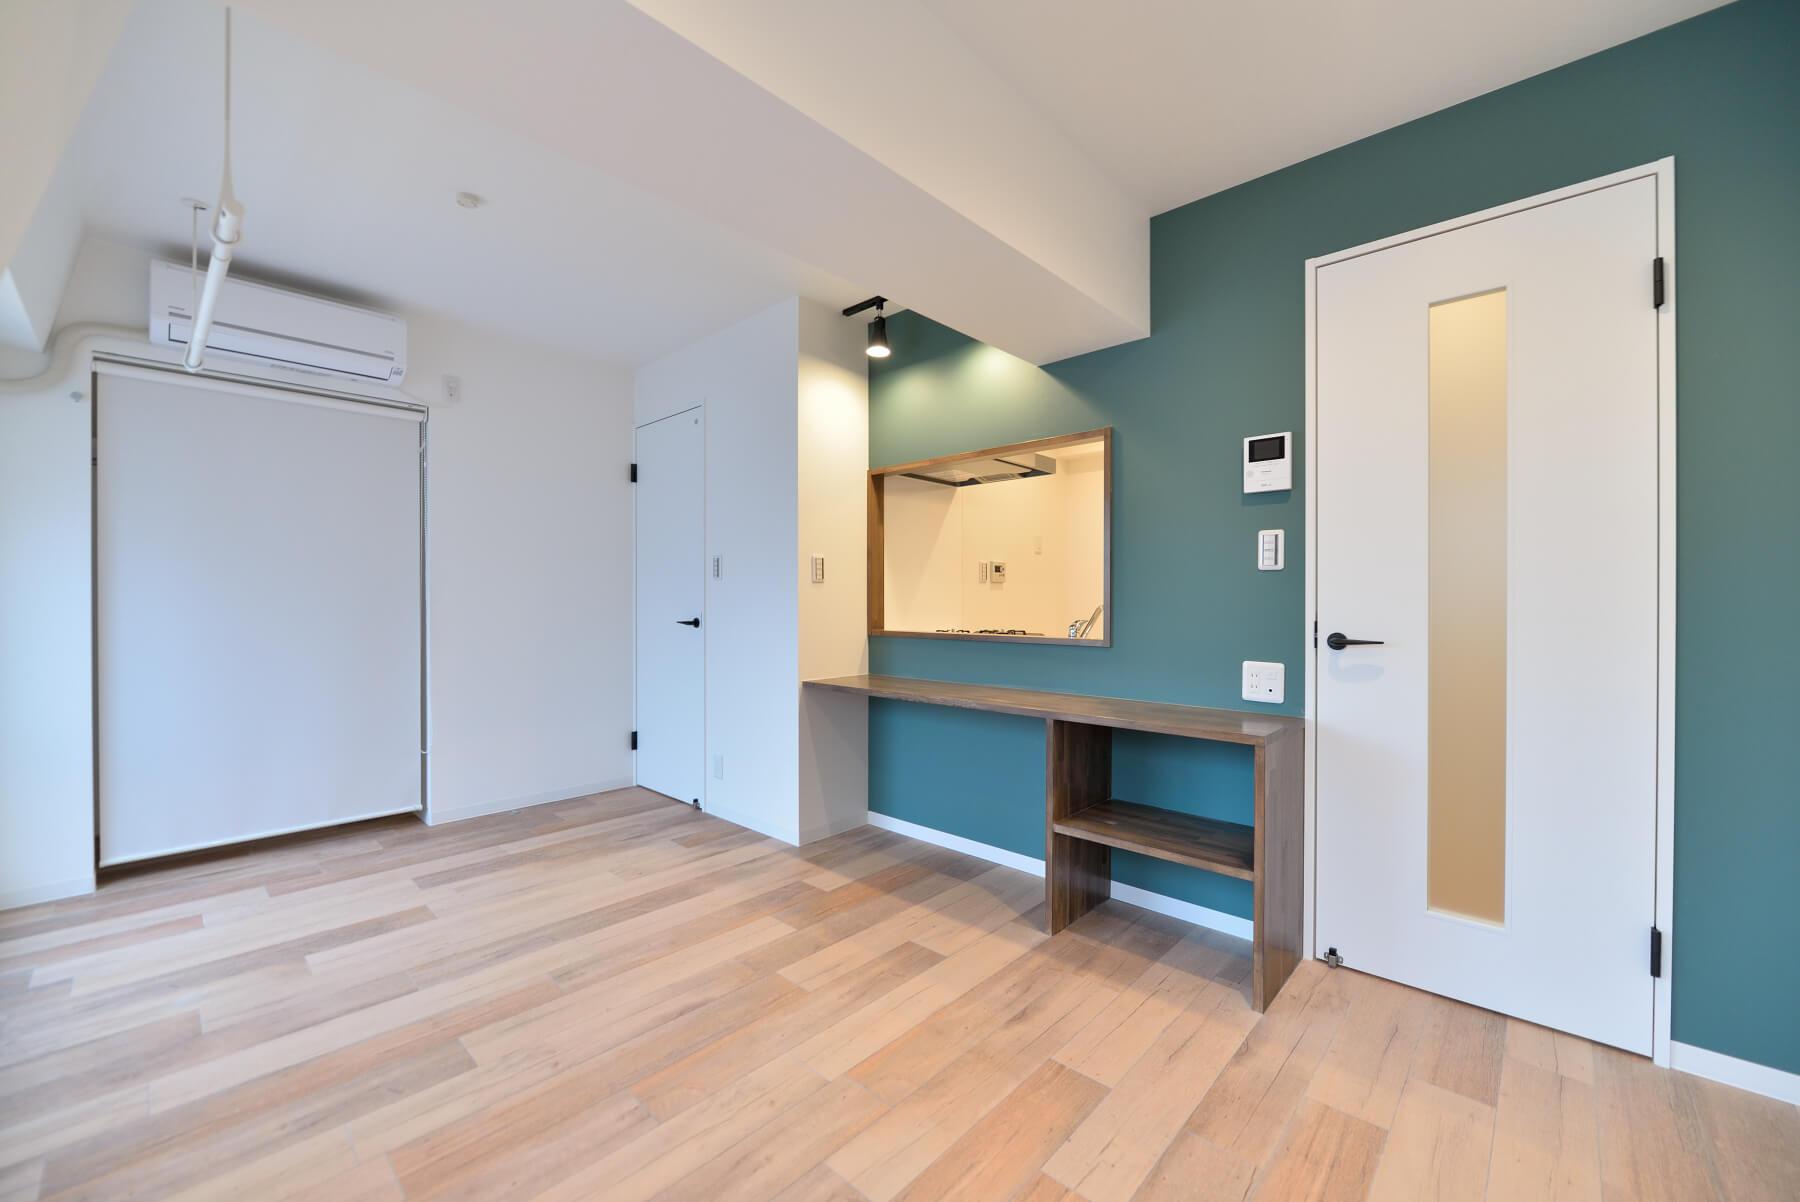 アクセントクロスでキッチンやトイレをおしゃれ空間に 選び方 使い方のポイントとは Webマガジン リノベーションのcuestudio